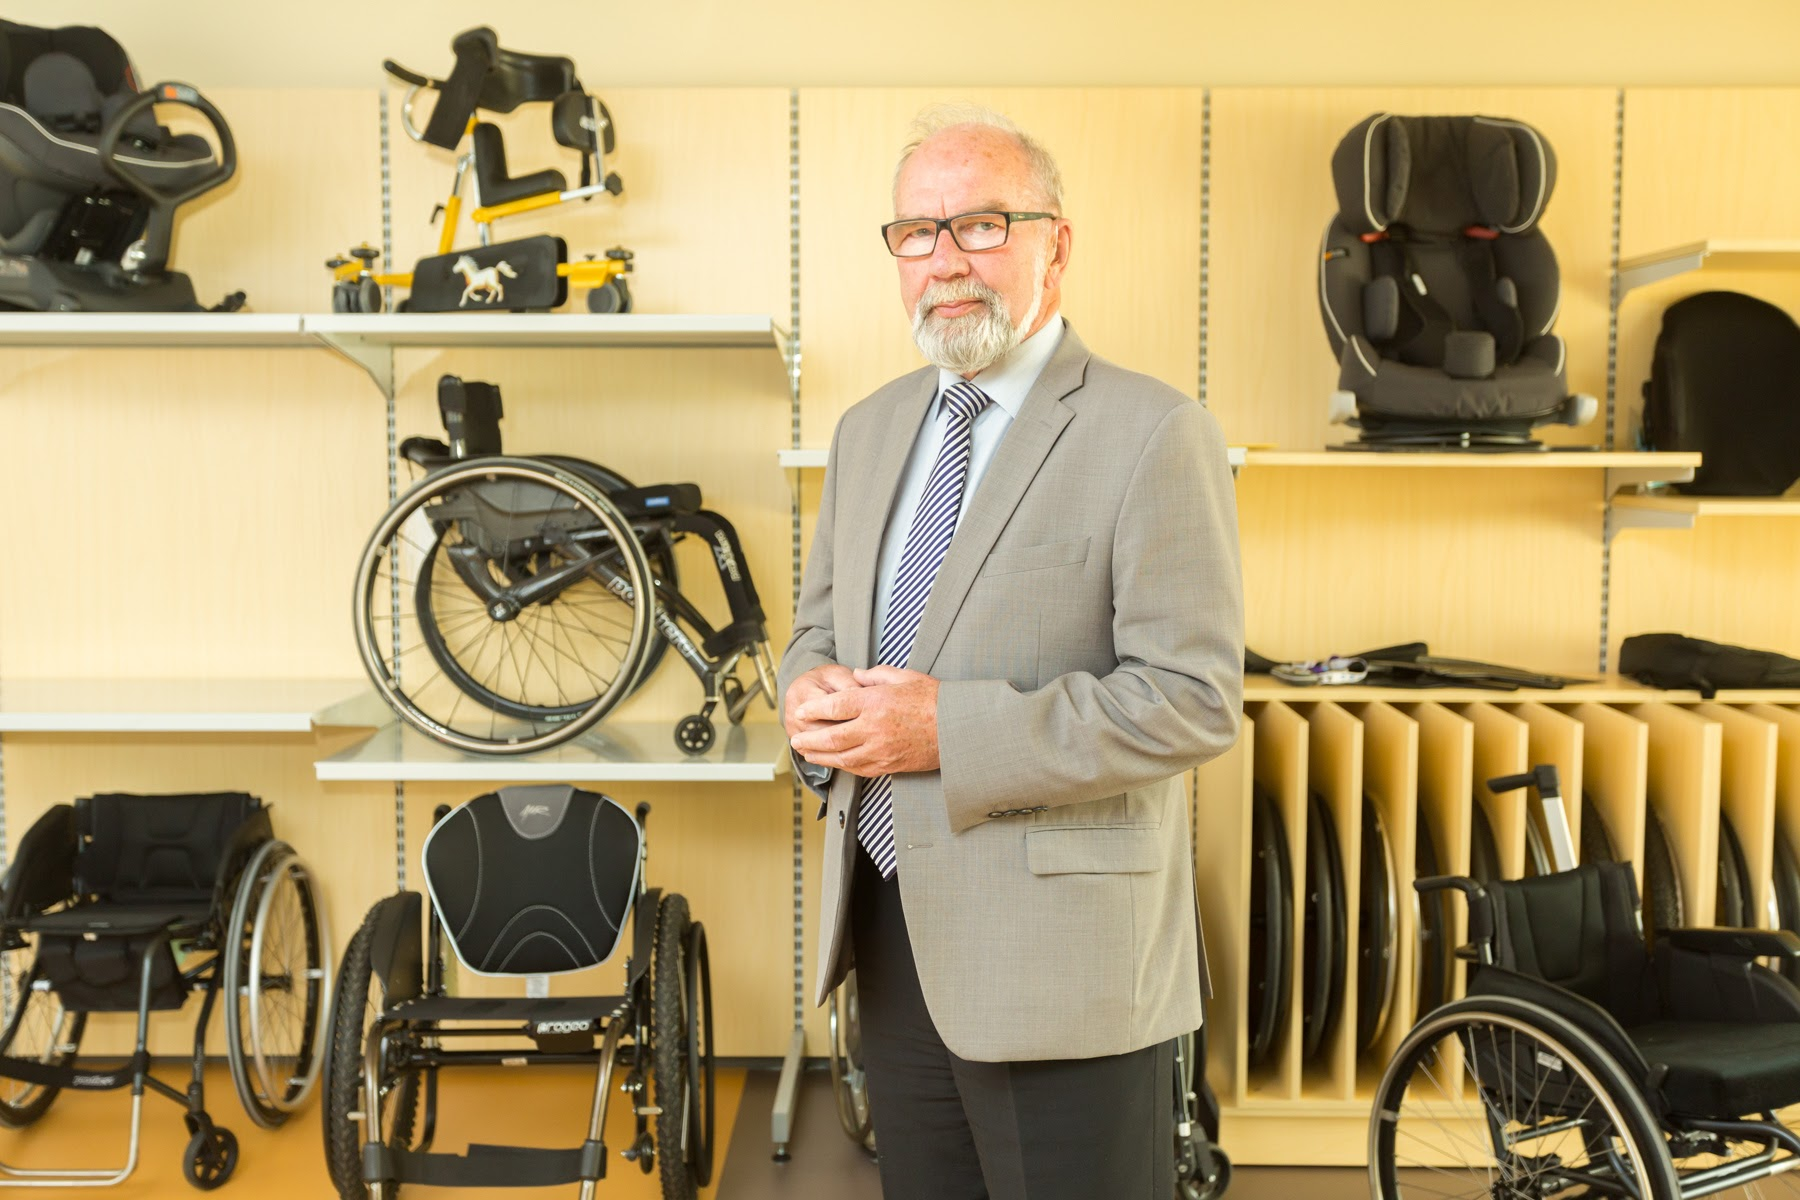 Abivahendikeskuse Invaru juht Enn Leinuste: abivahendeid lühiajalise kasutamise puhul välja ostma ei pea, neid saab ka üürida